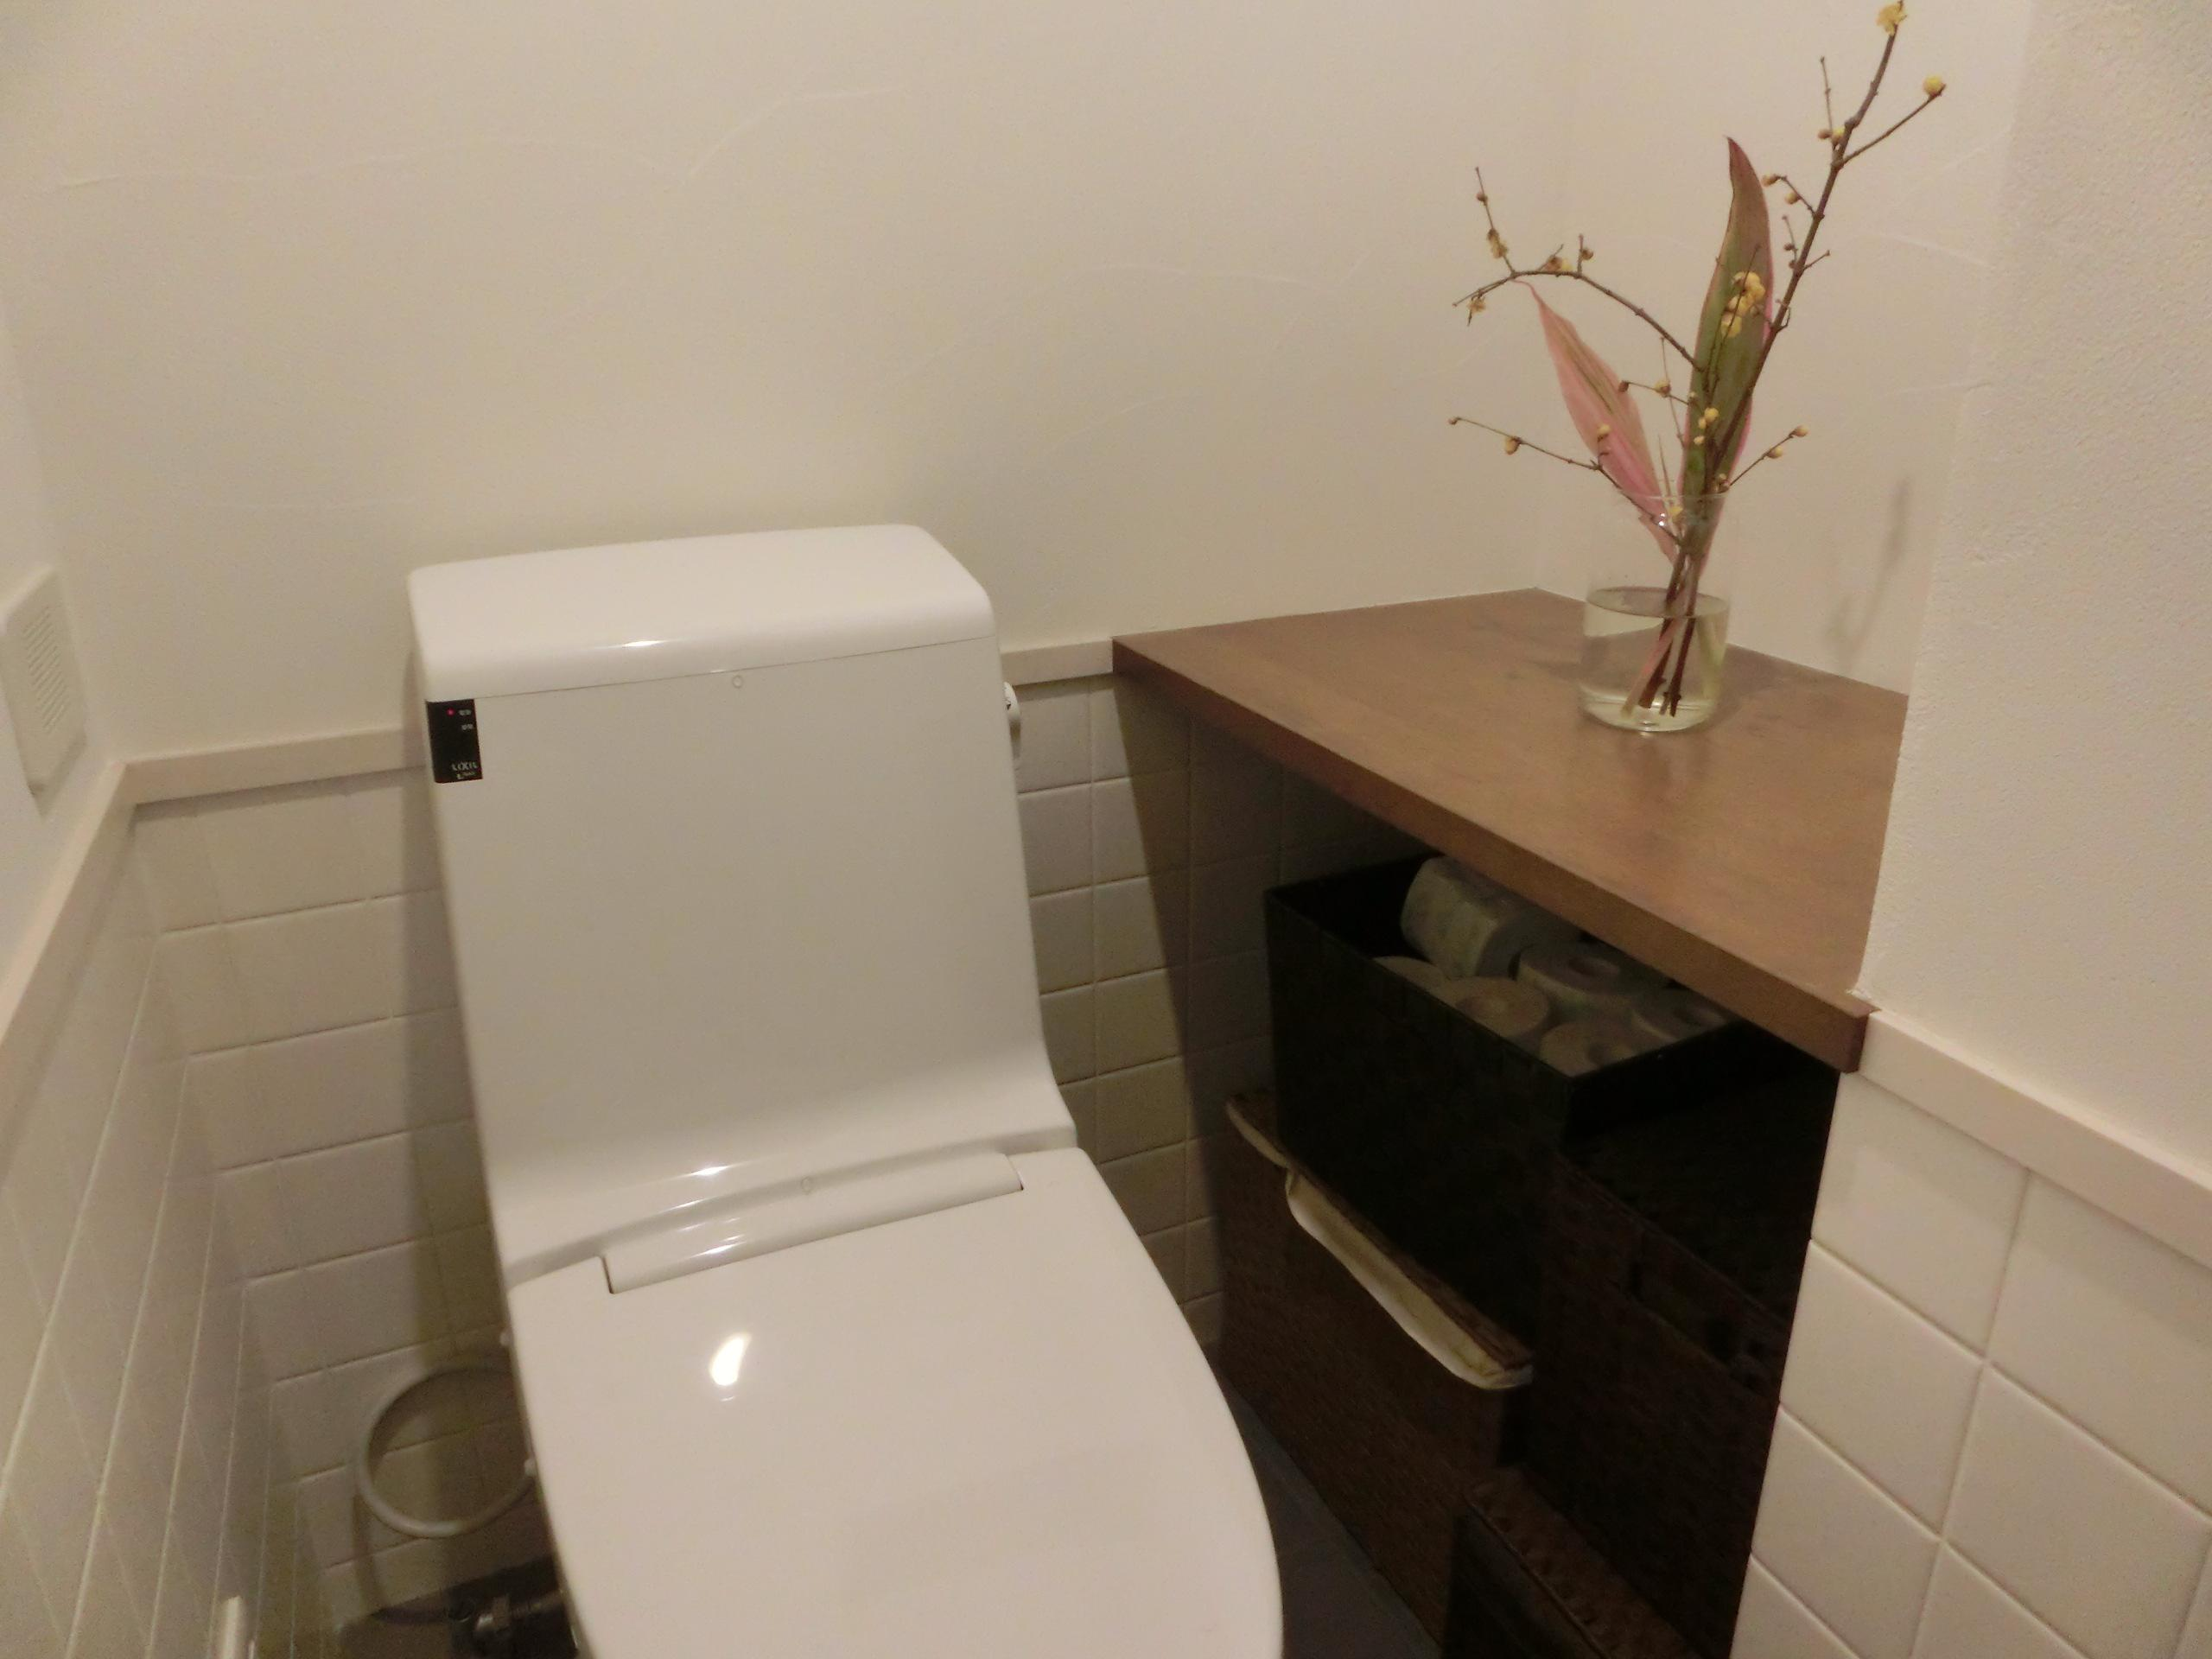 『手わざのコダワリ』と新しい建築技術の融合:東京都杉並区K様邸の写真 トイレ